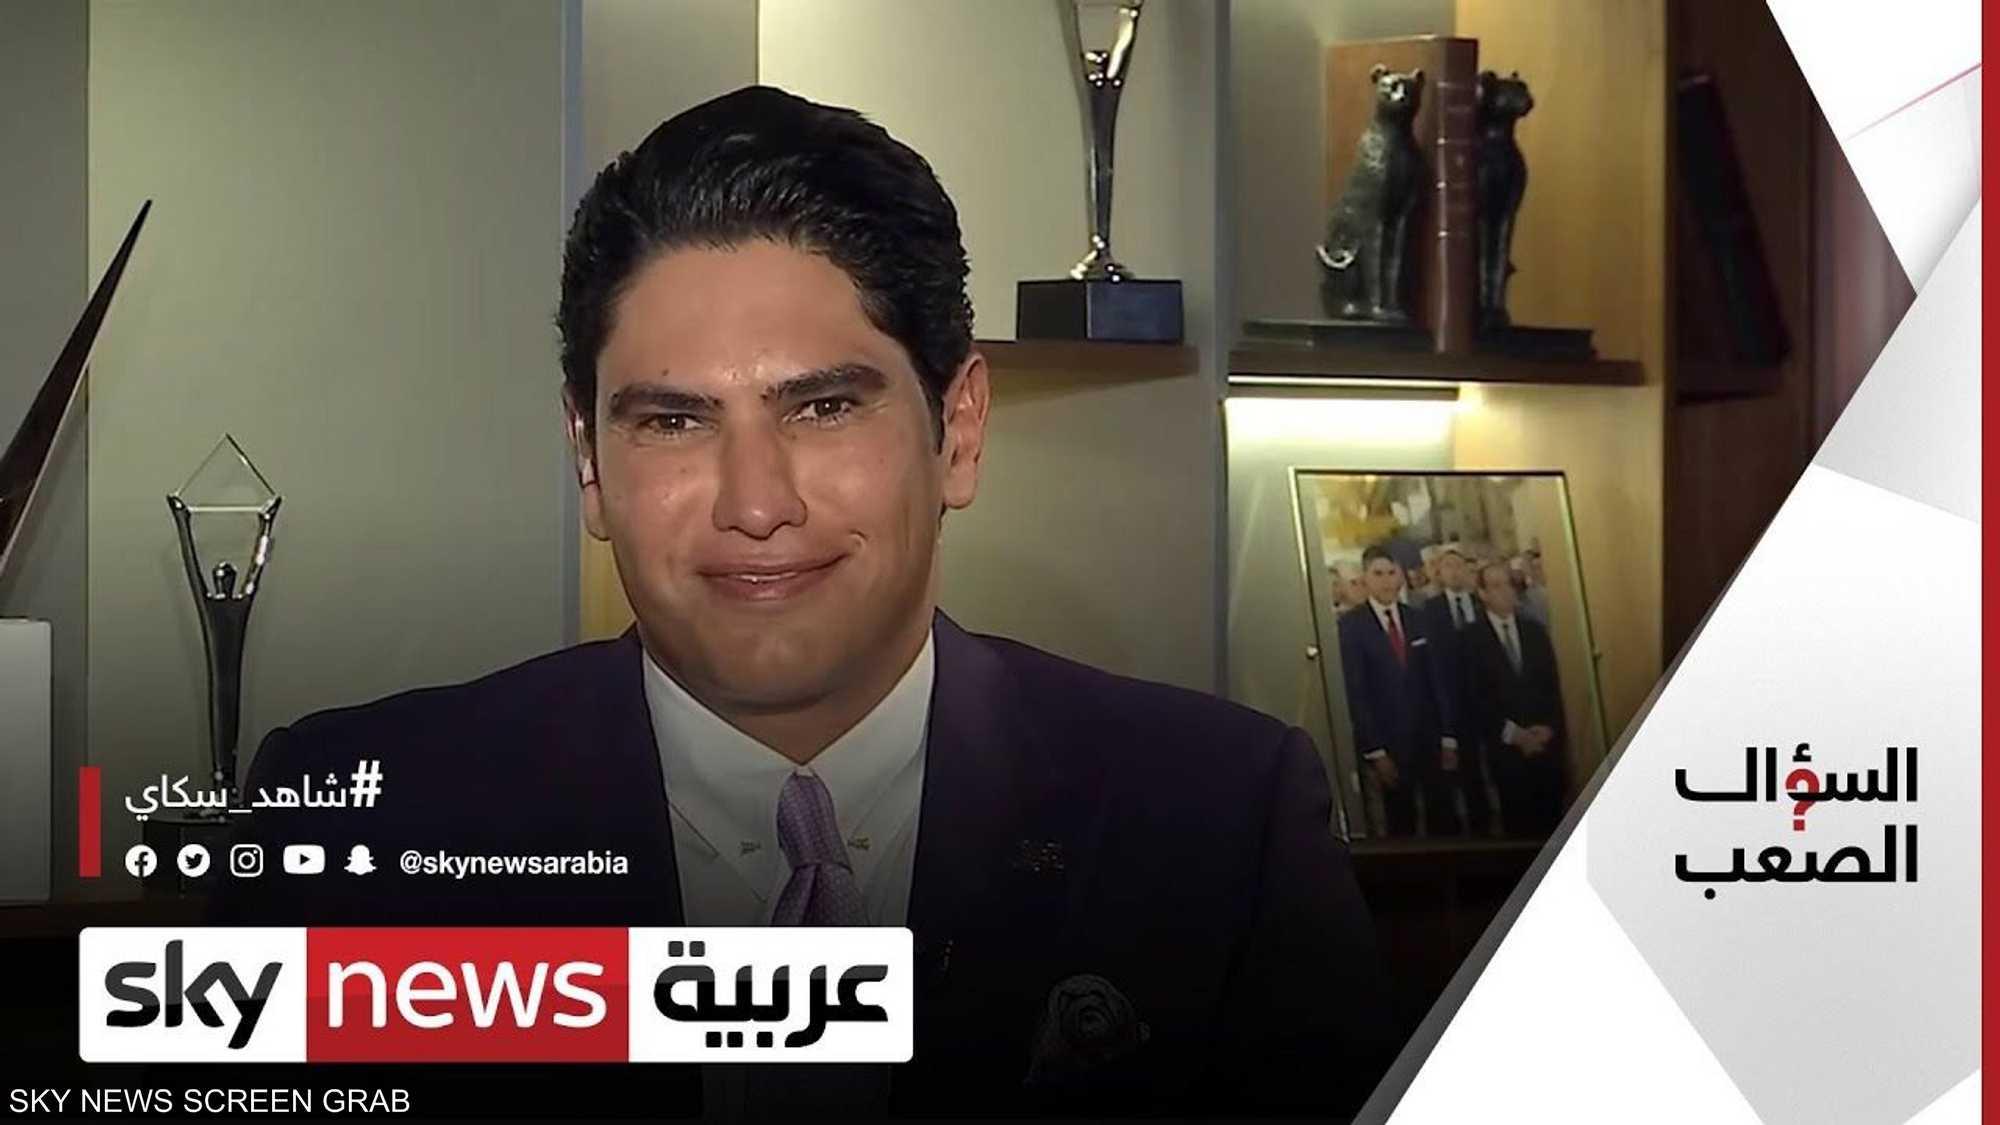 أبو هشيمة: كانت لدى تجربة إعلامية وتكللت بالنجاح